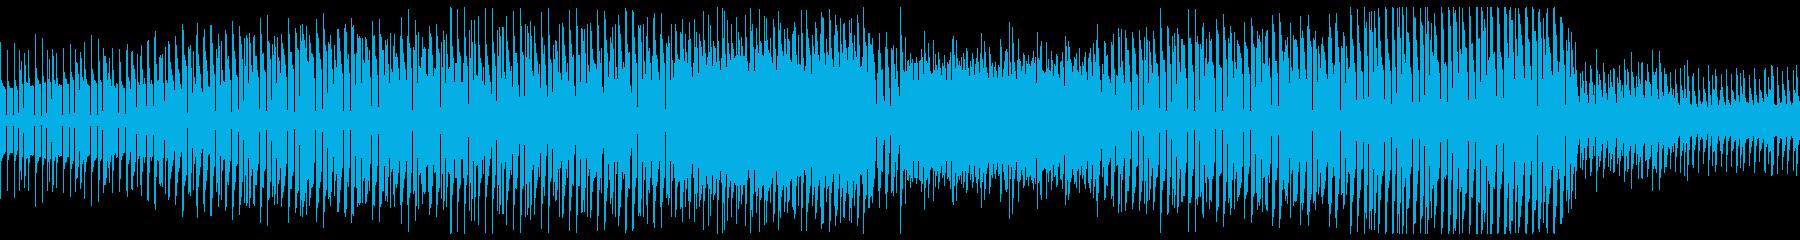 ビリビリしたシンセが特徴的なエレクトロの再生済みの波形